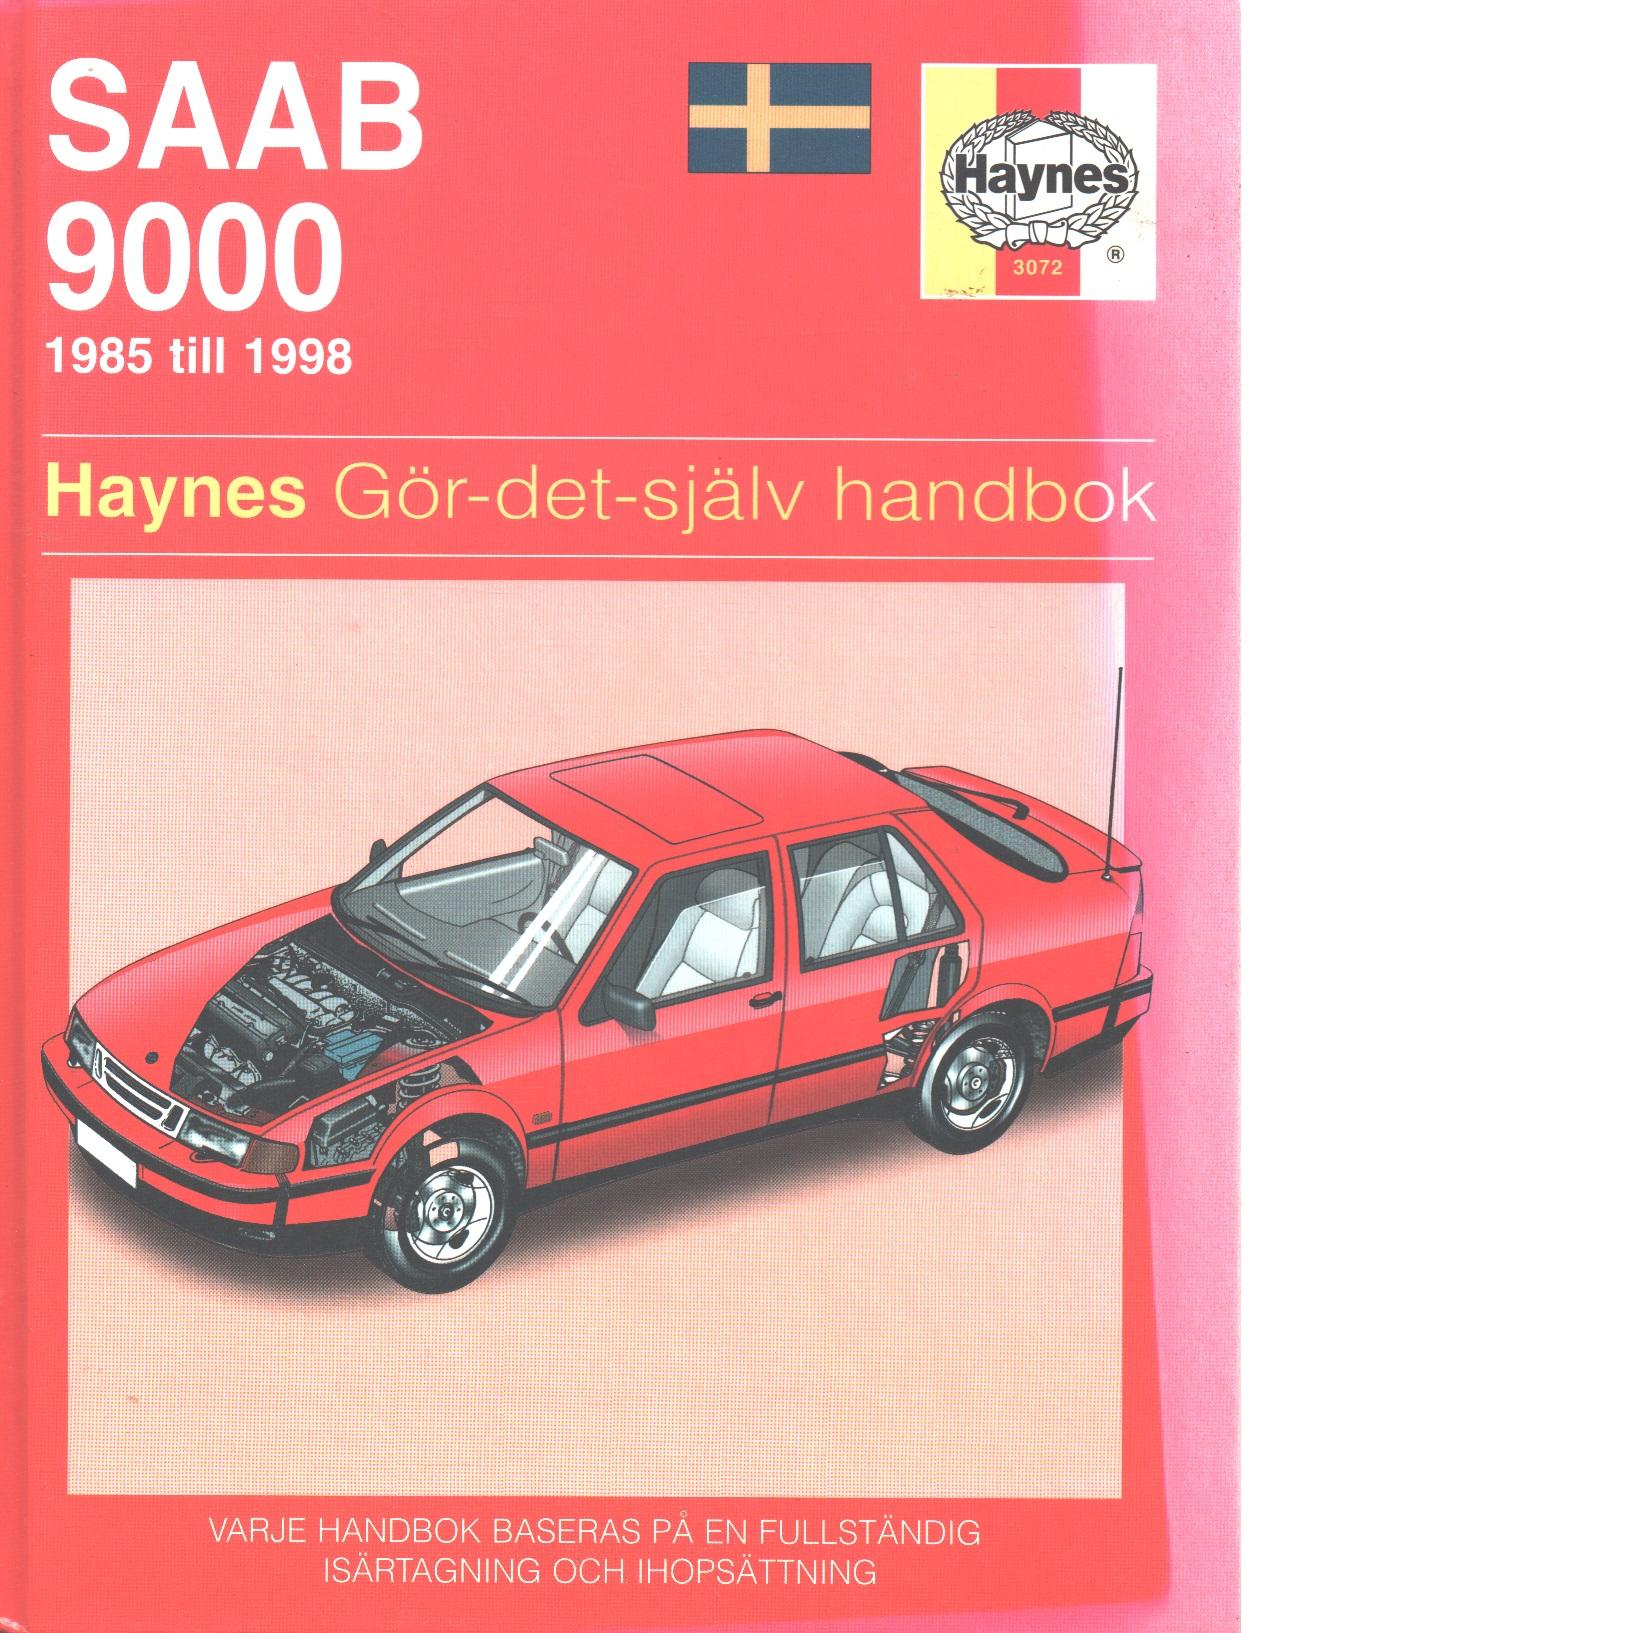 Saab 9000 : [1985 till 1998] : gör-det-själv-handbok - Legg, A. K. och Drayton, Spencer